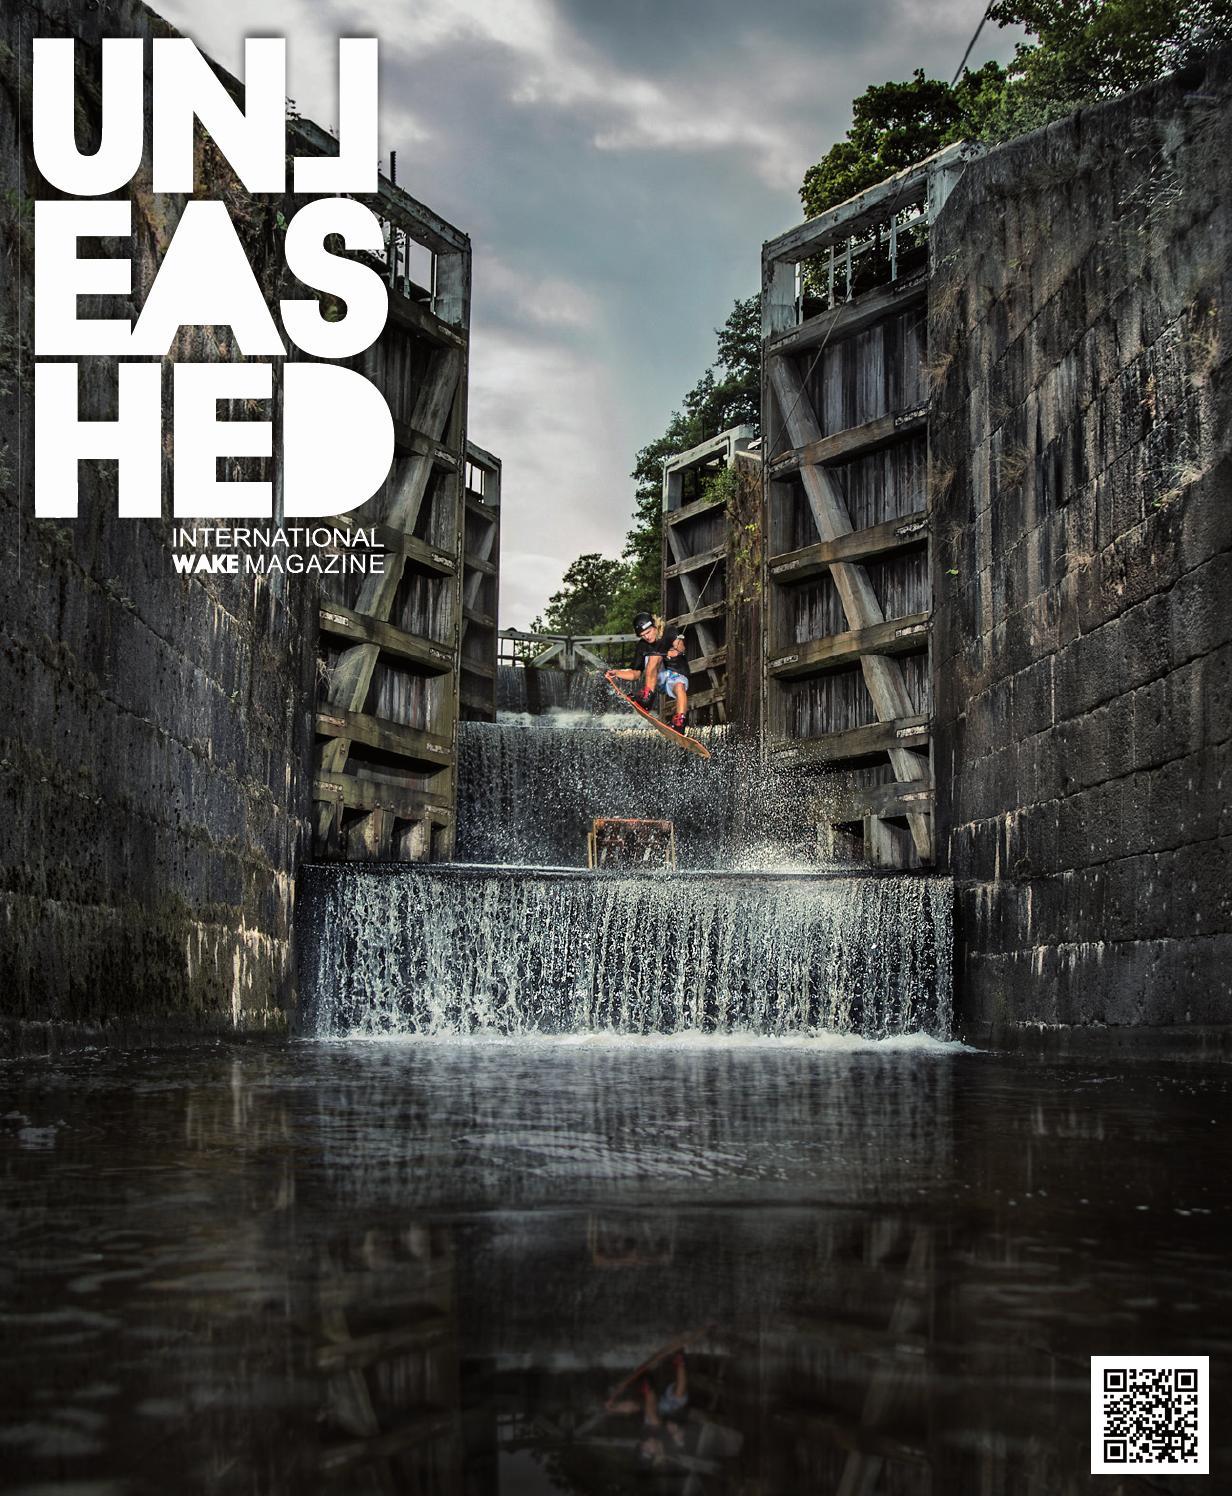 Cover, Unleashed Wake Magazine, 2016